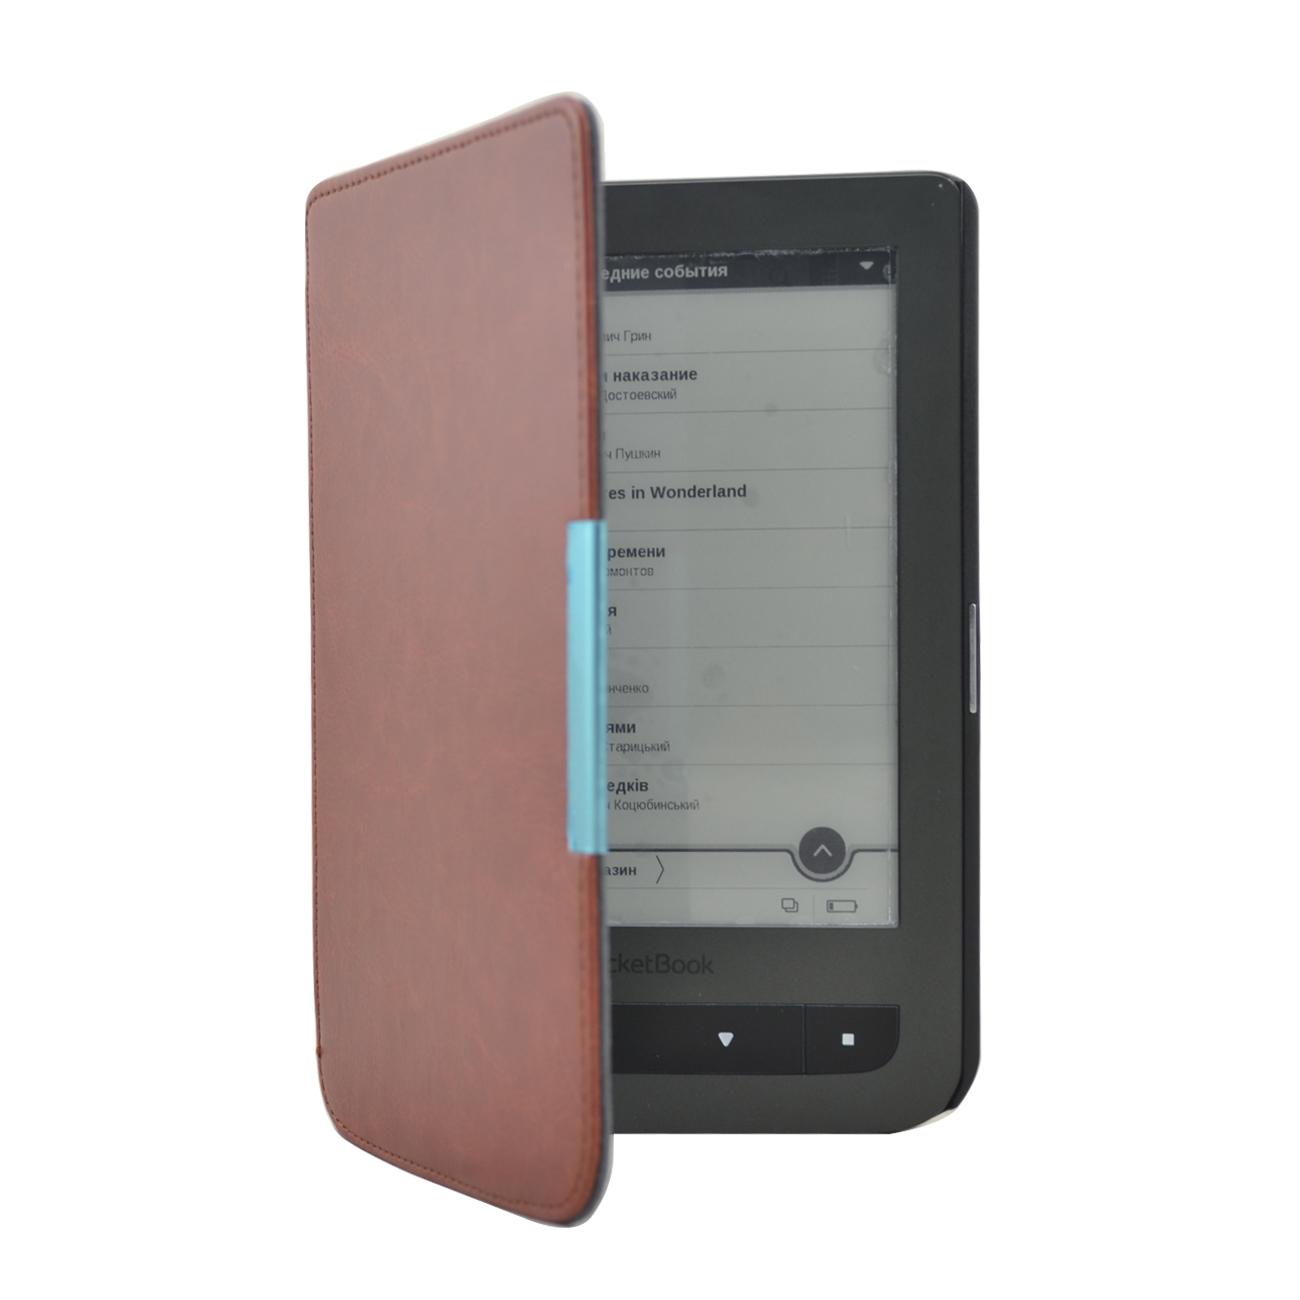 Чехол для электронной книги GoodChoice Pocketbook 614,615,624,625,626,641, коричневый